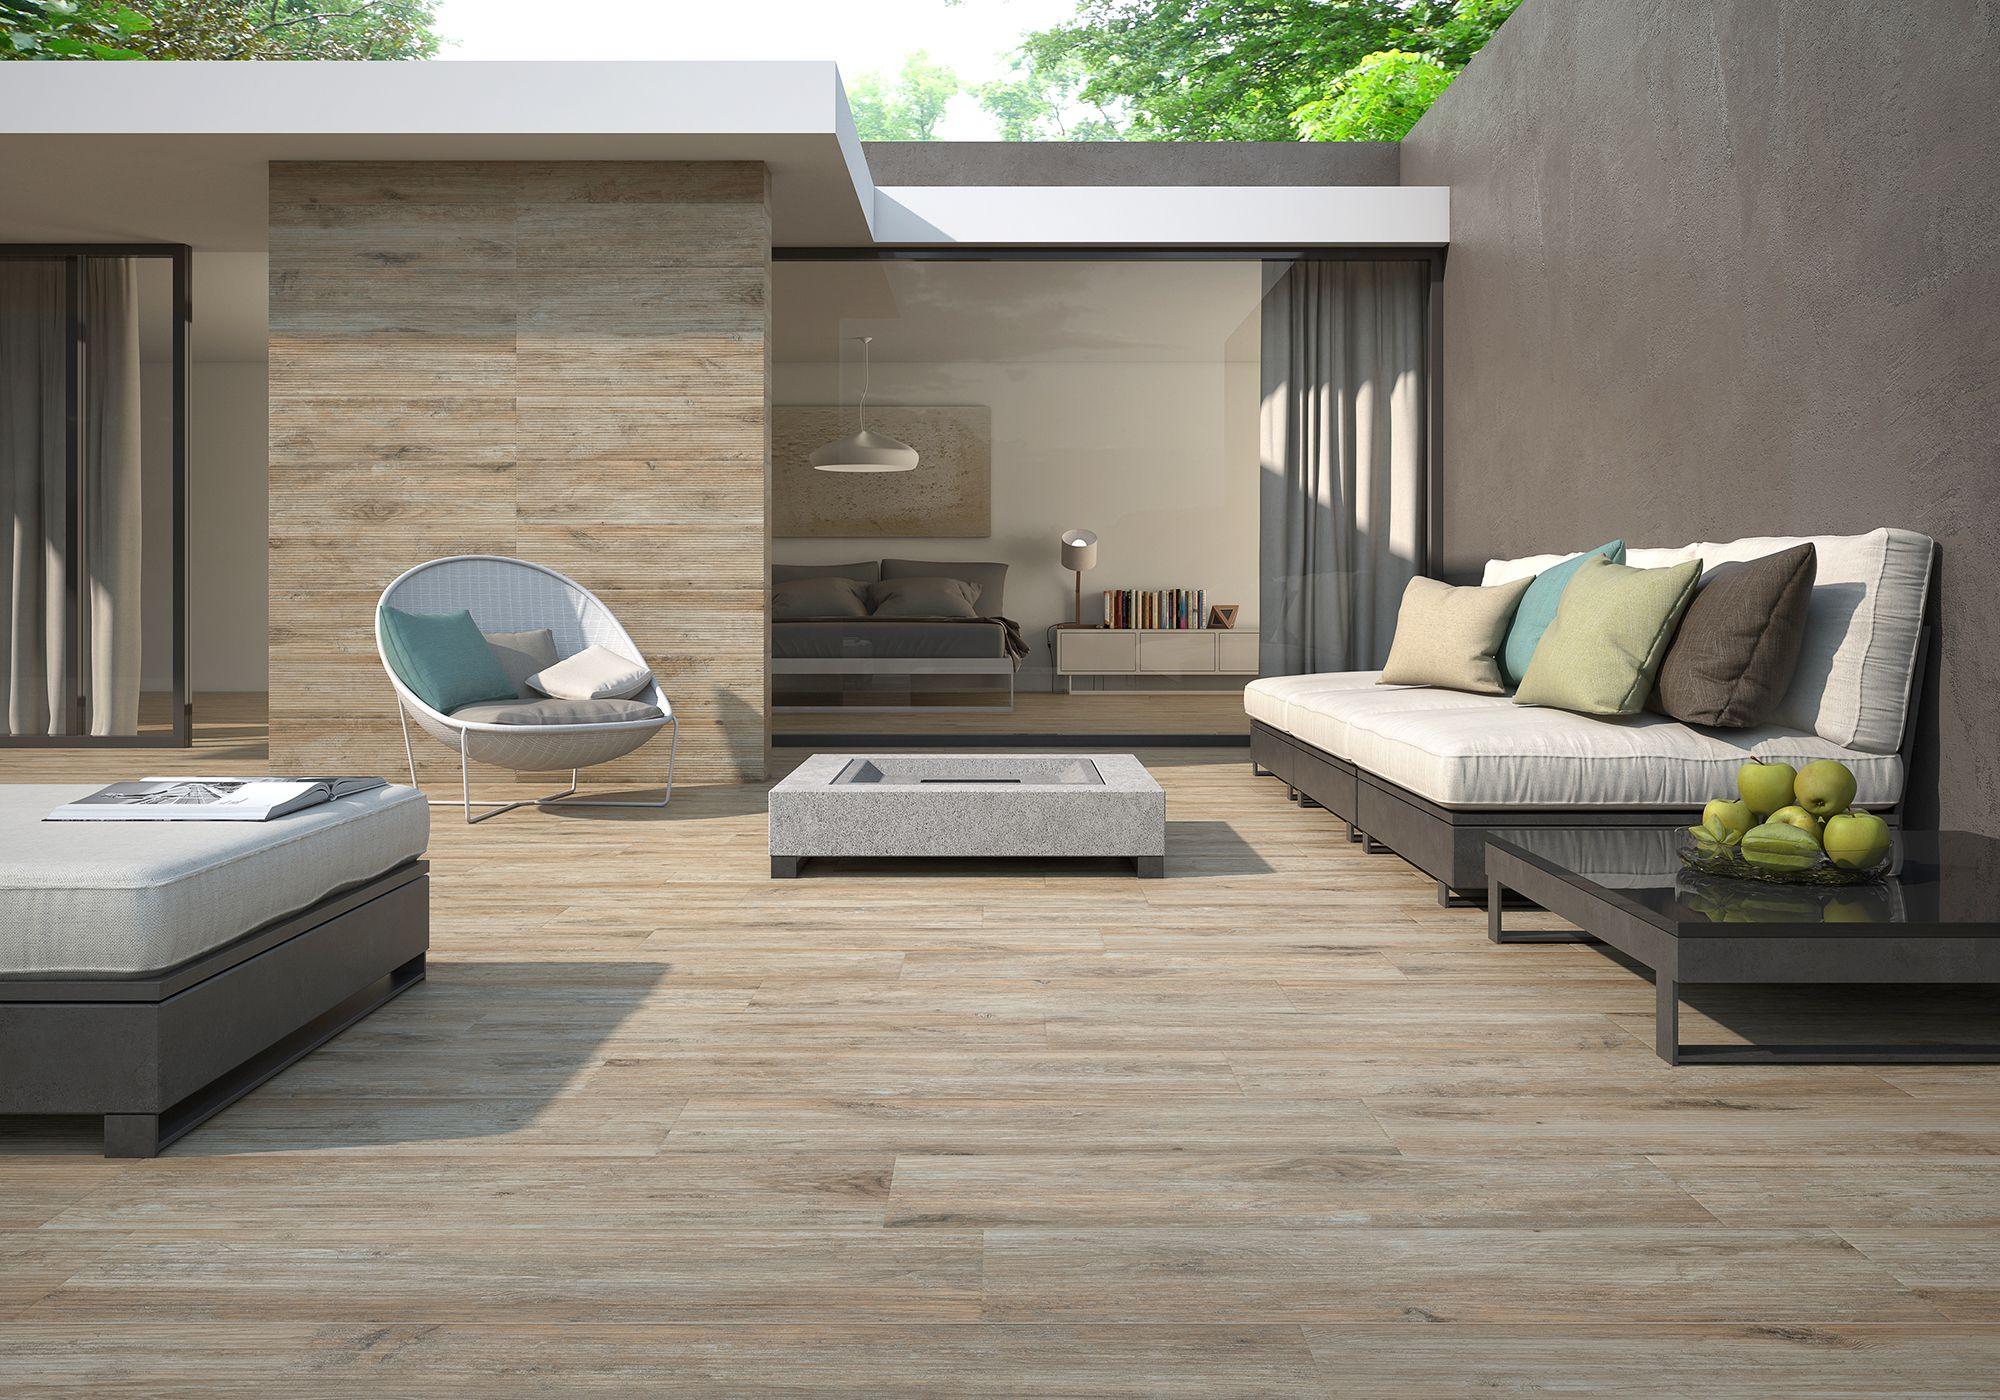 La modernidad y el dise o permiten al azulejo y a las for Ceramica para pared